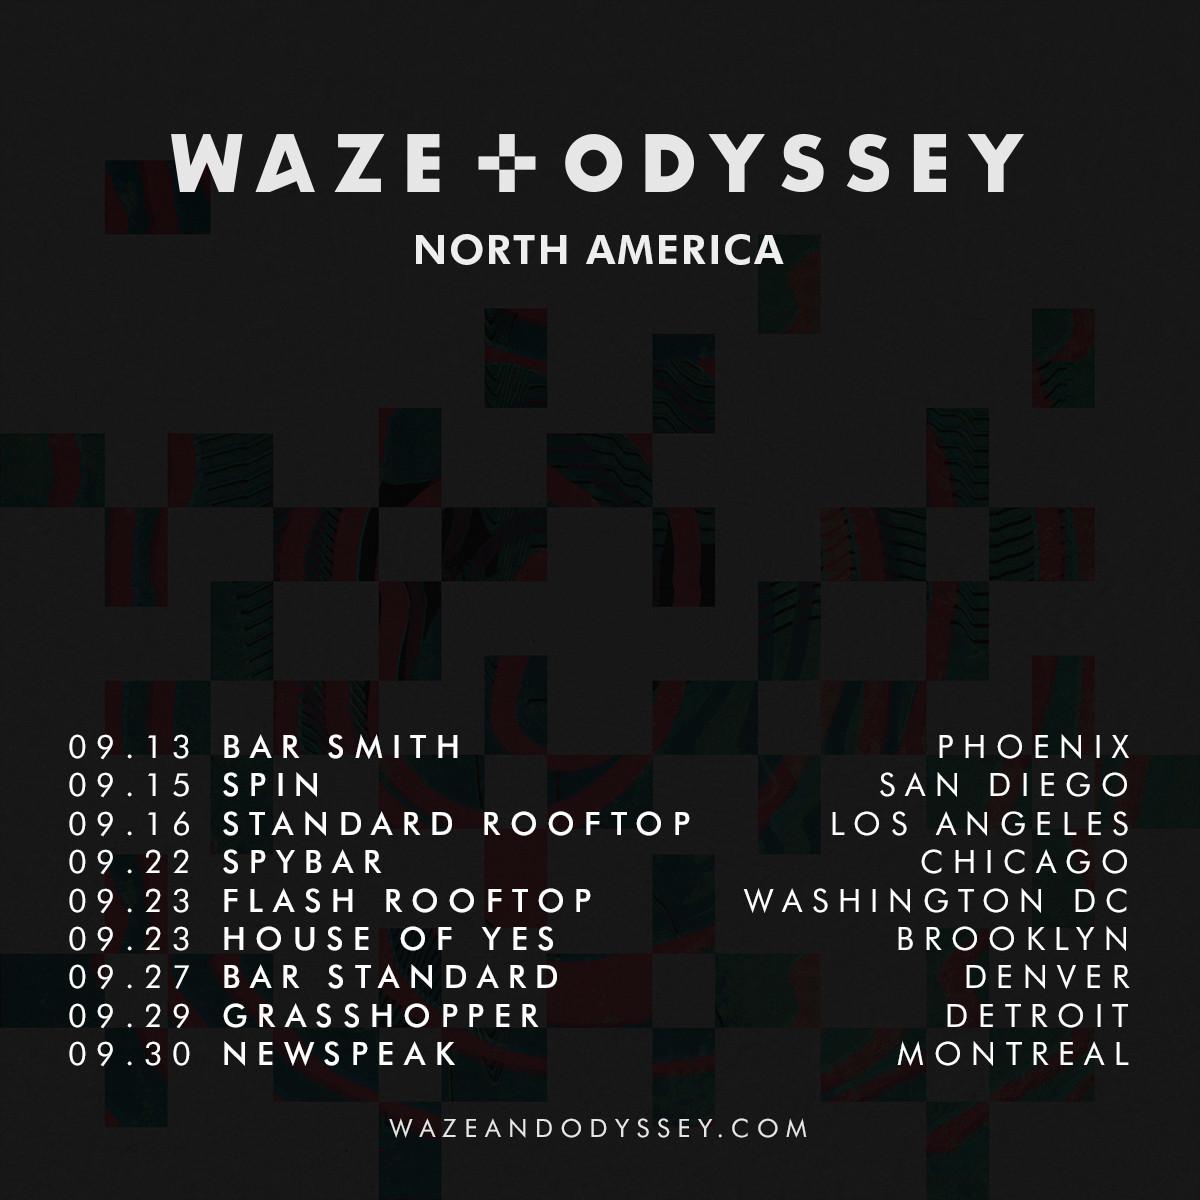 waze_odyssey_na_sept_art